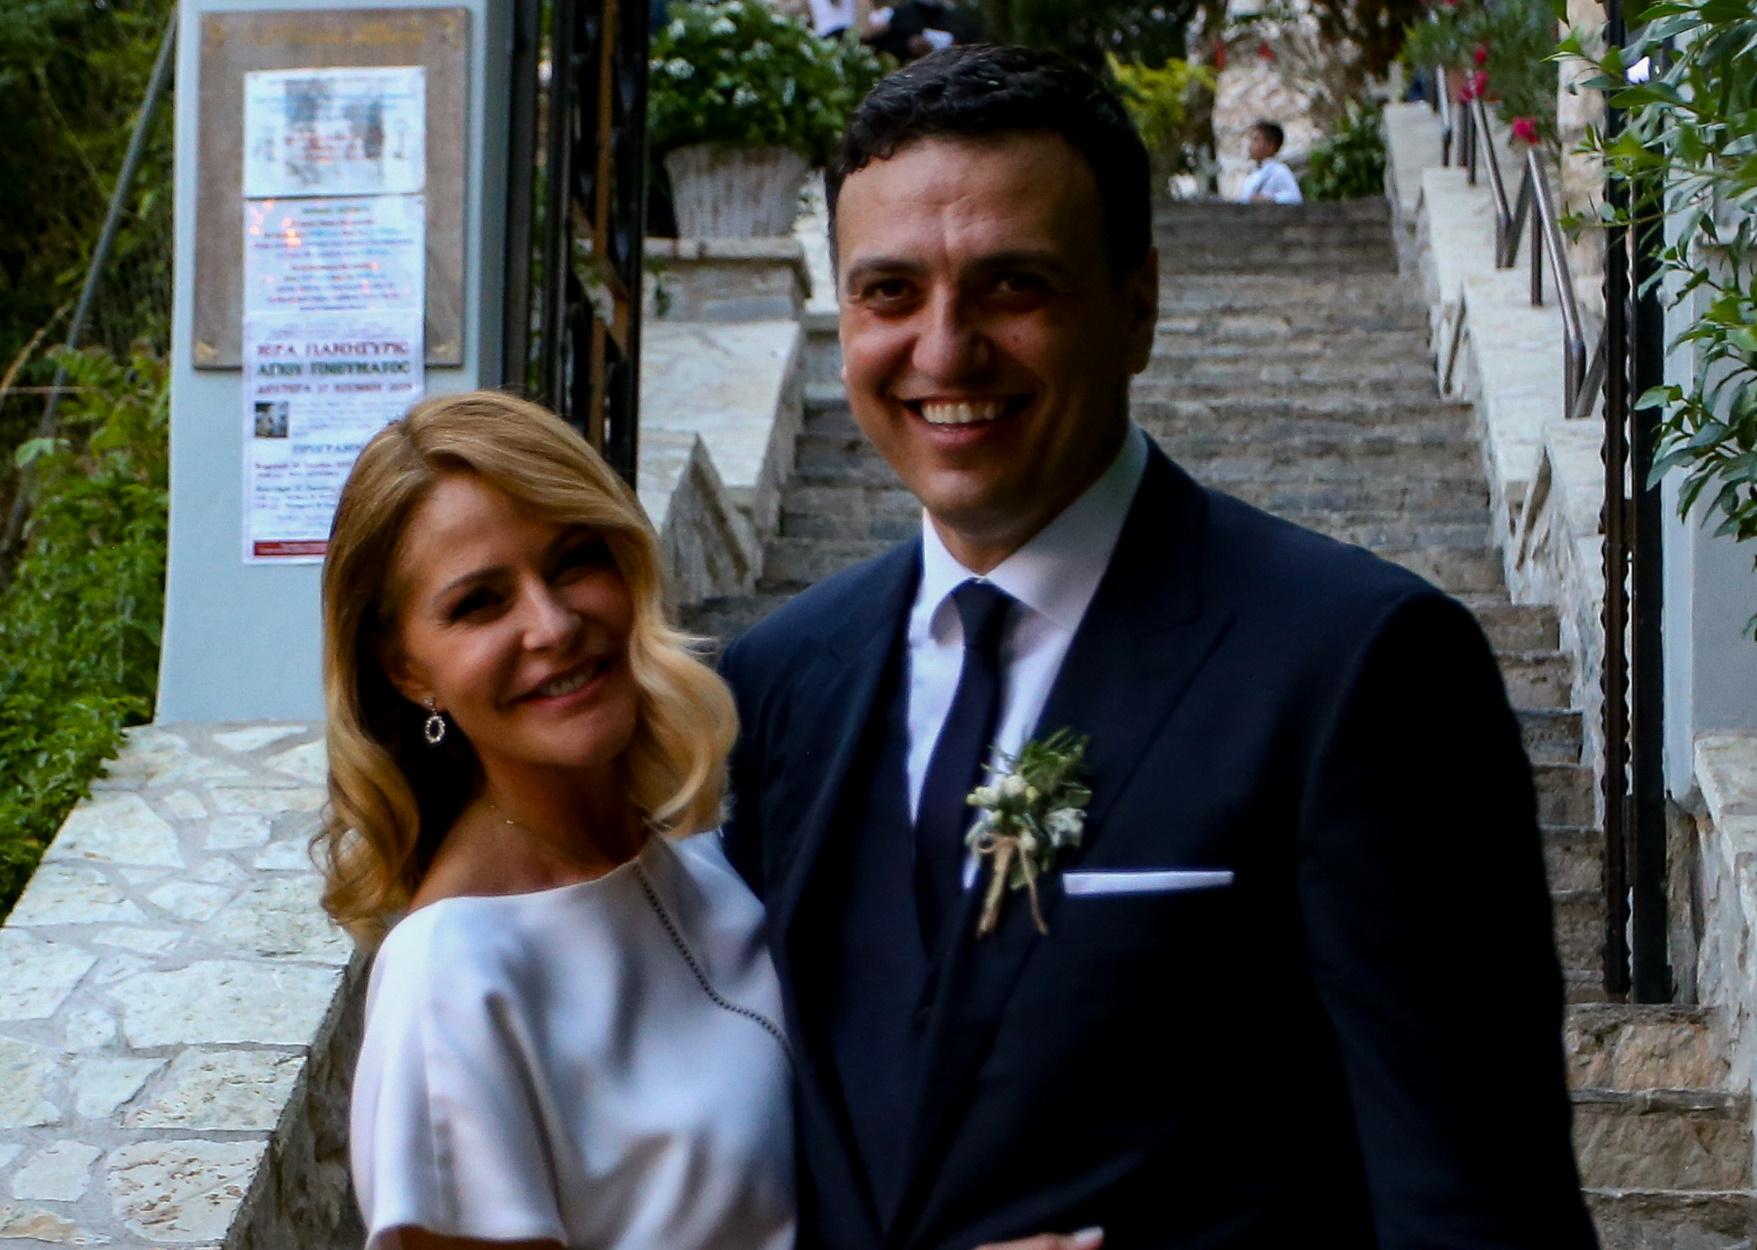 Βασίλης Κικίλιας – Τζένη Μπαλατσινού: Νέες φωτογραφίες από τη βάπτιση του γιου τους